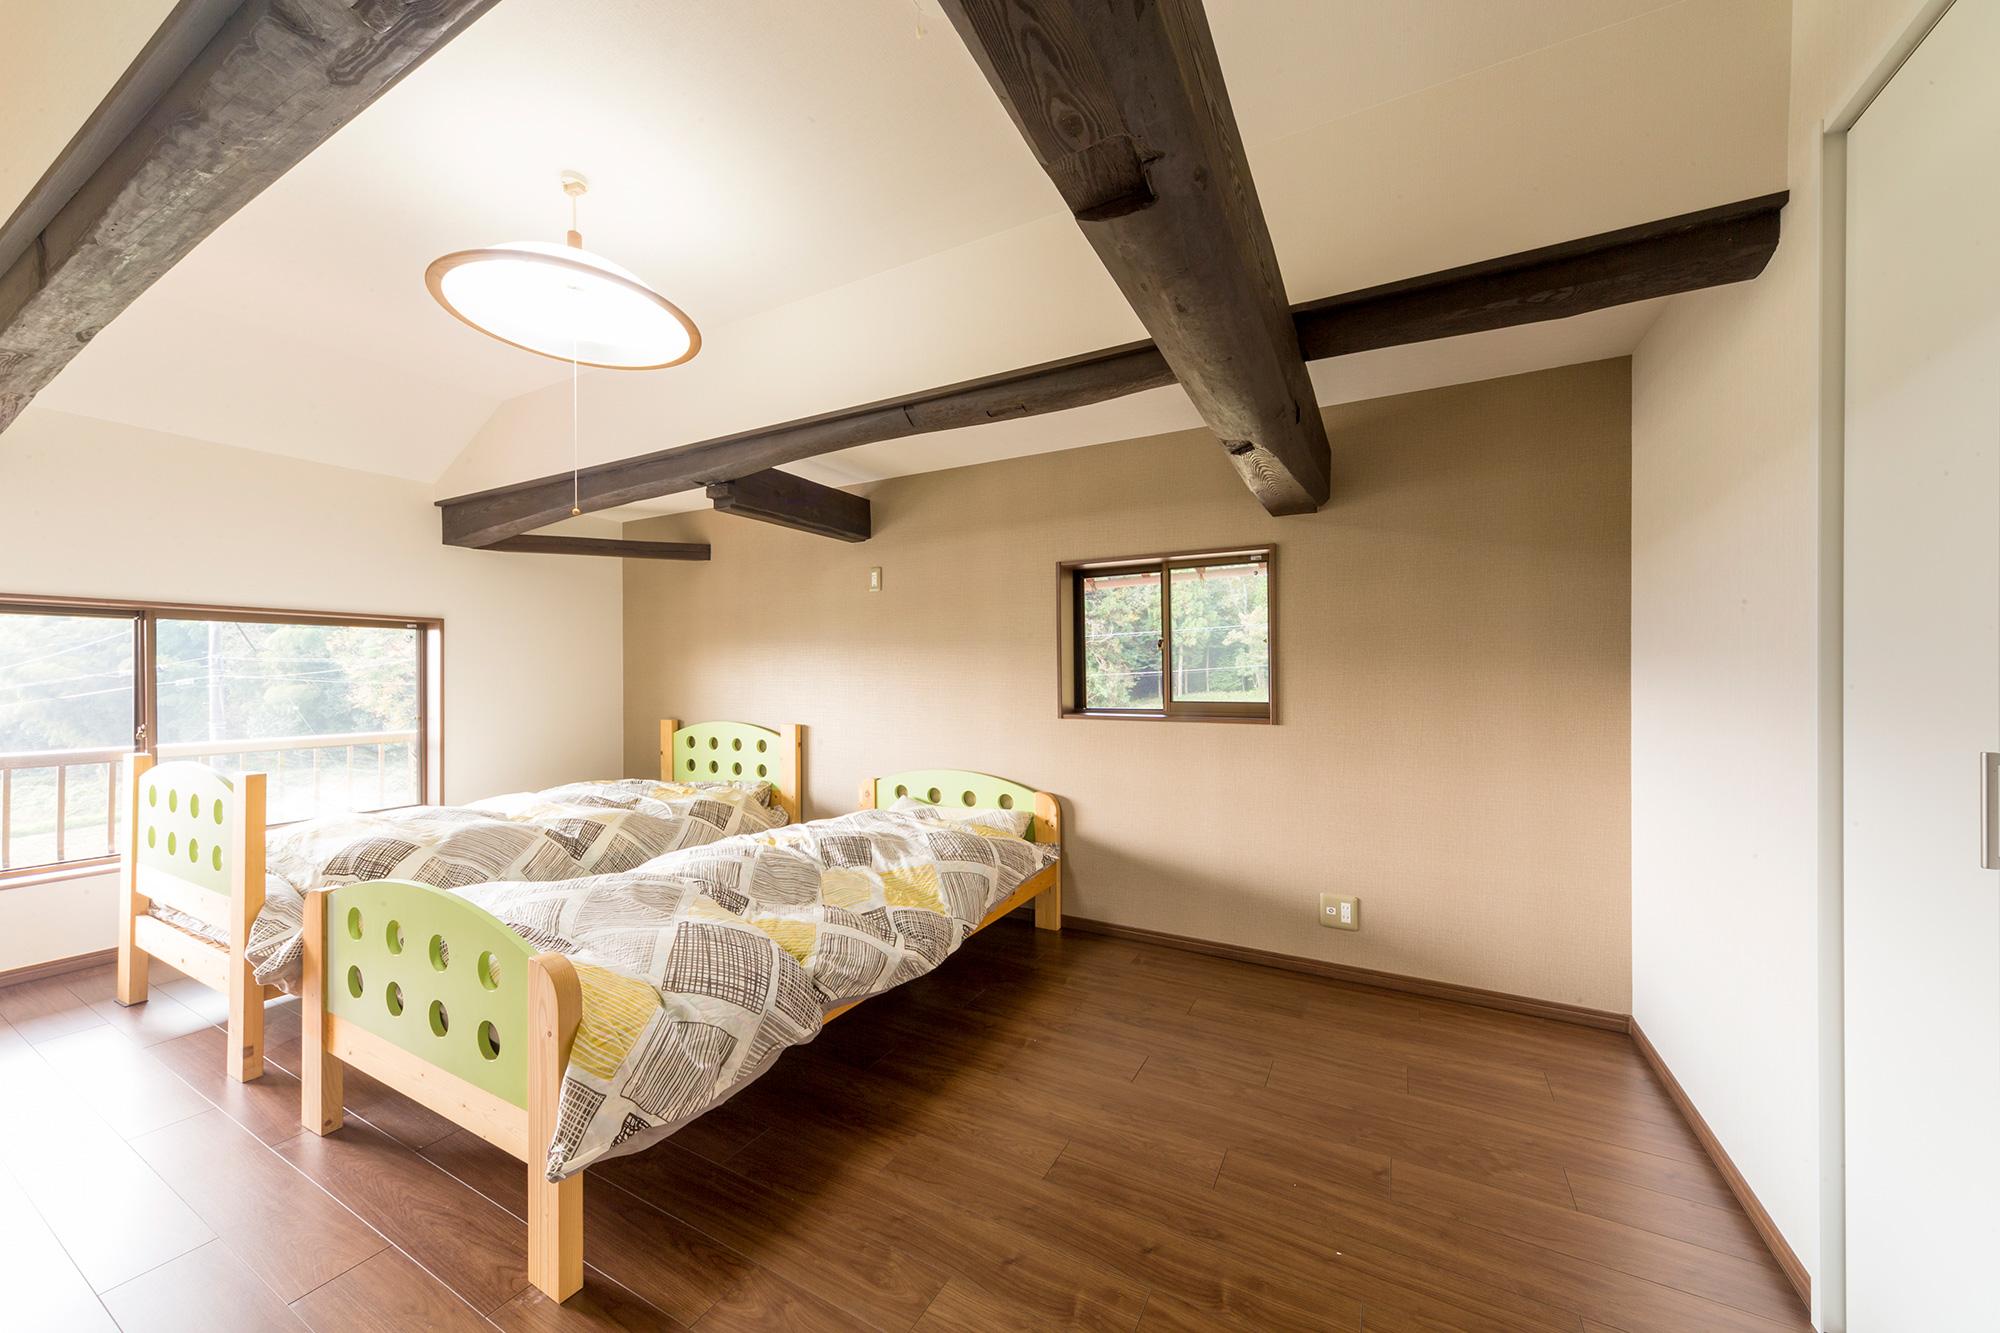 ご夫婦の寝室。勾配天井と手に届きそうな梁の効果で、包み込まれるような雰囲気も。